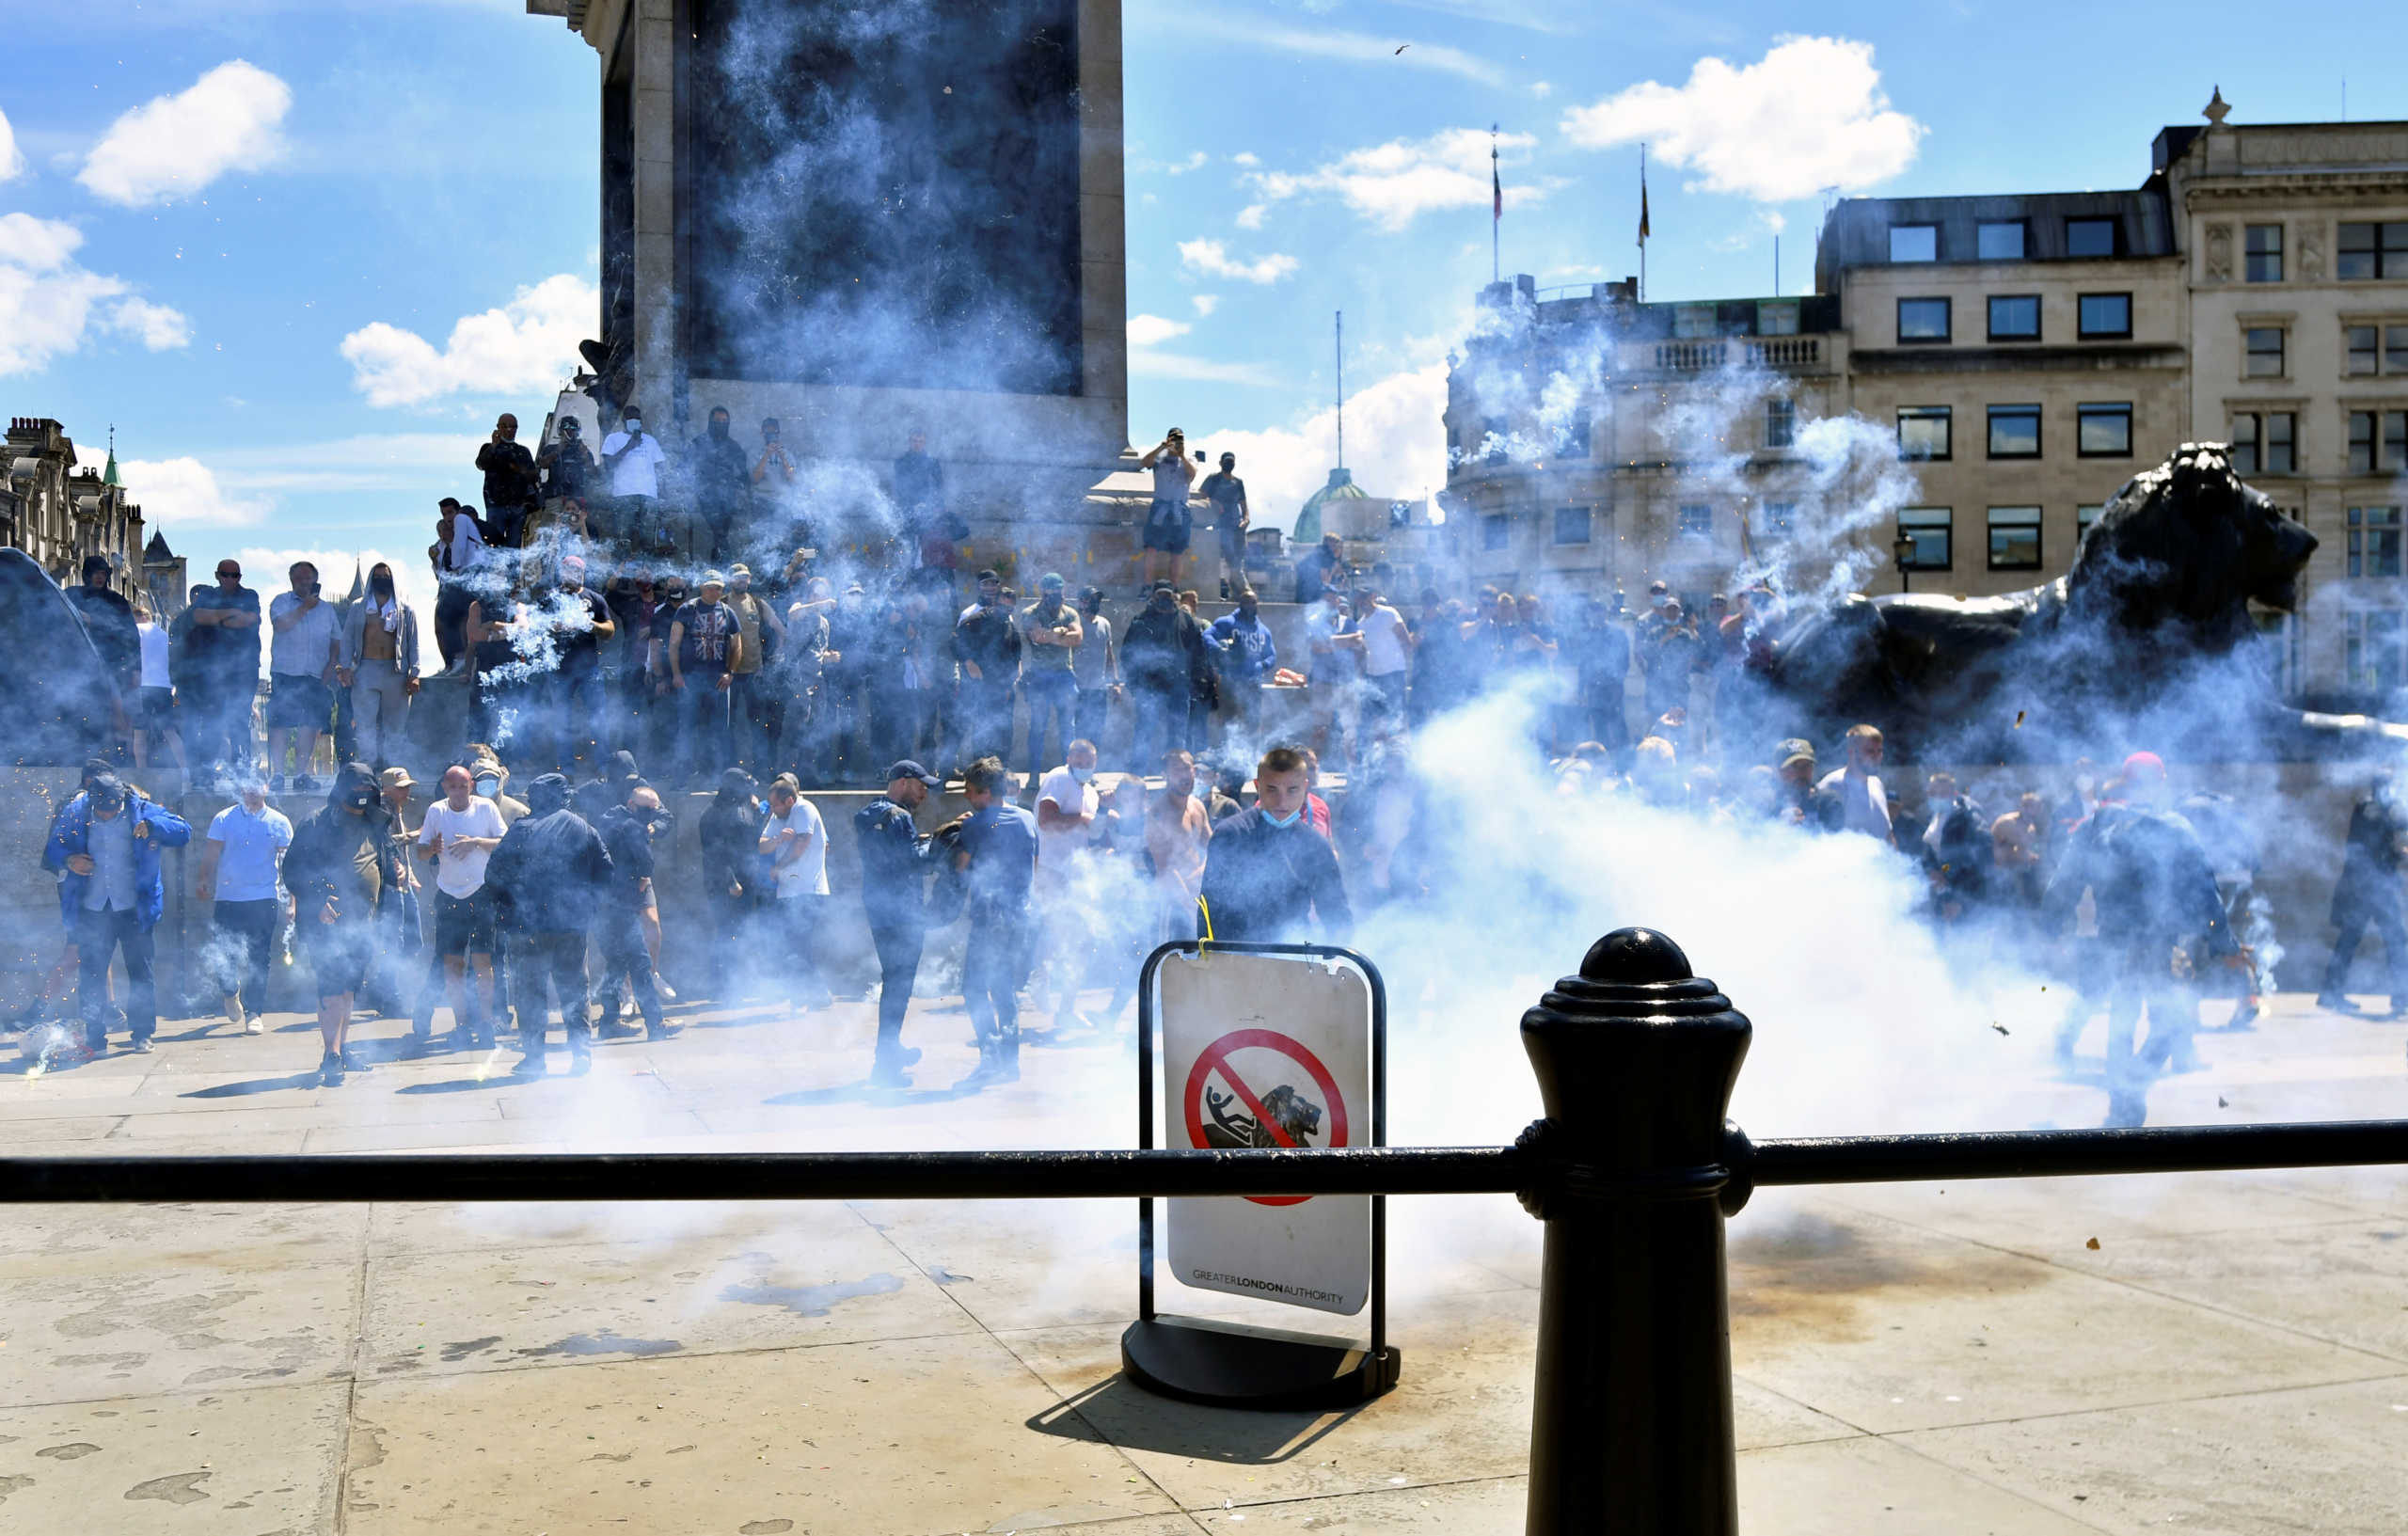 Επεισόδια στη Βρετανία: Ακροδεξιοί συγκρούστηκαν με διαδηλωτές κατά του ρατσισμού